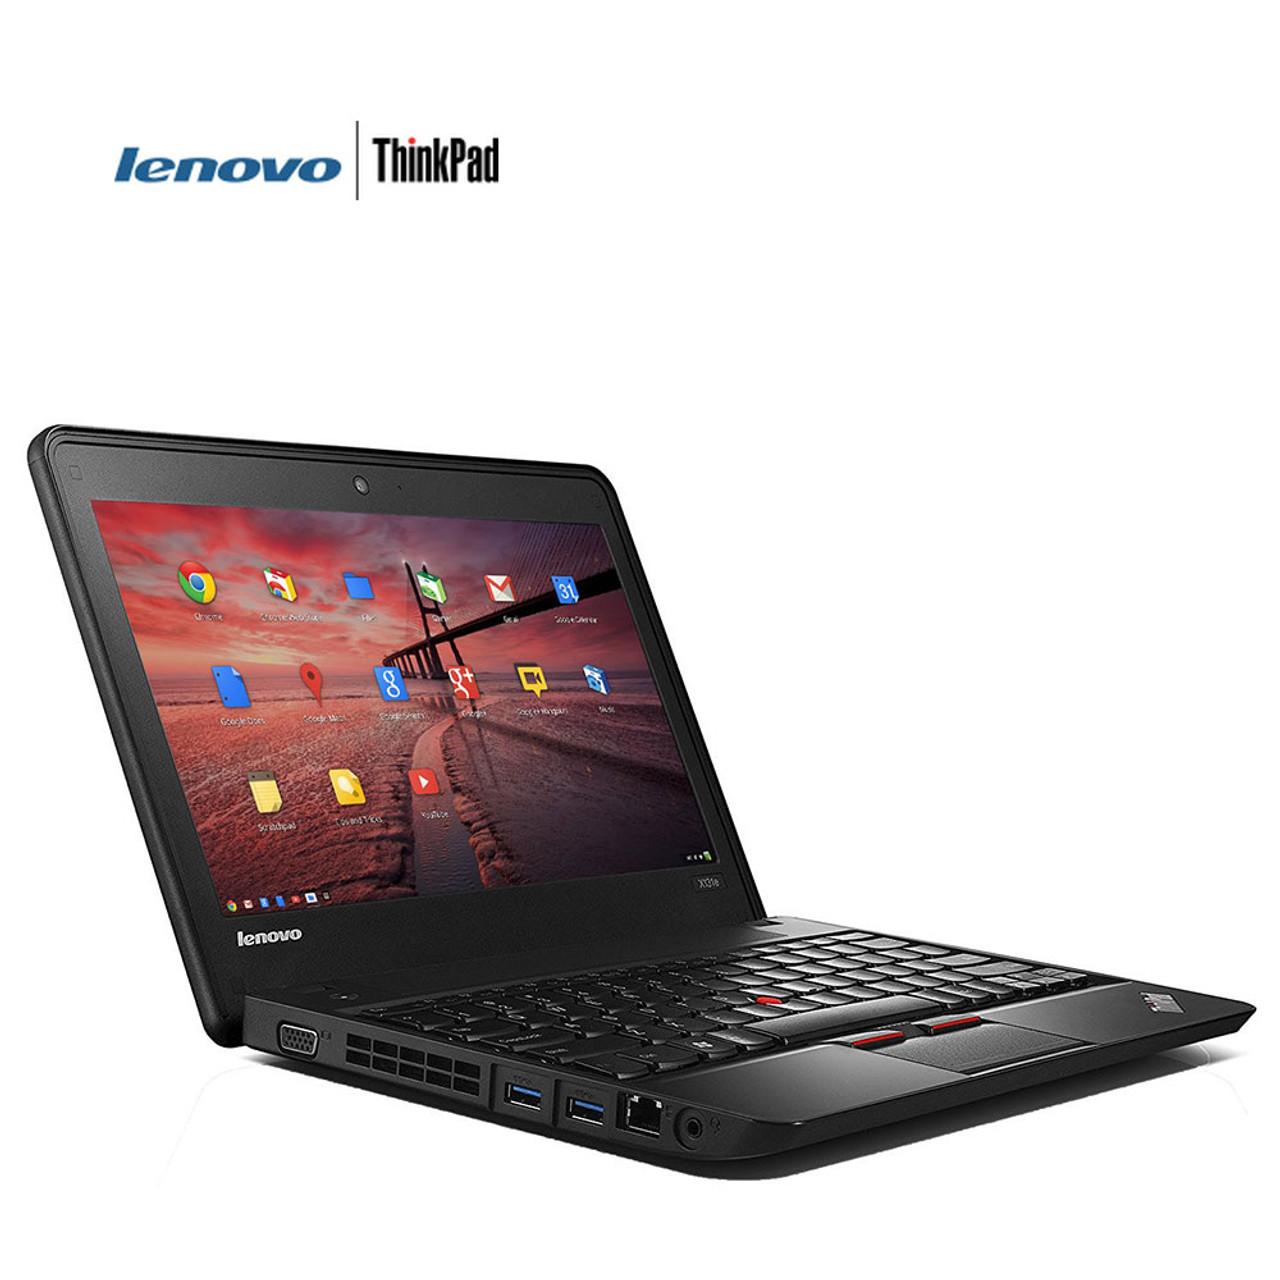 Lenovo ThinkPad X131e Chromebook, Intel Dual-Core $89.99 (55% OFF)